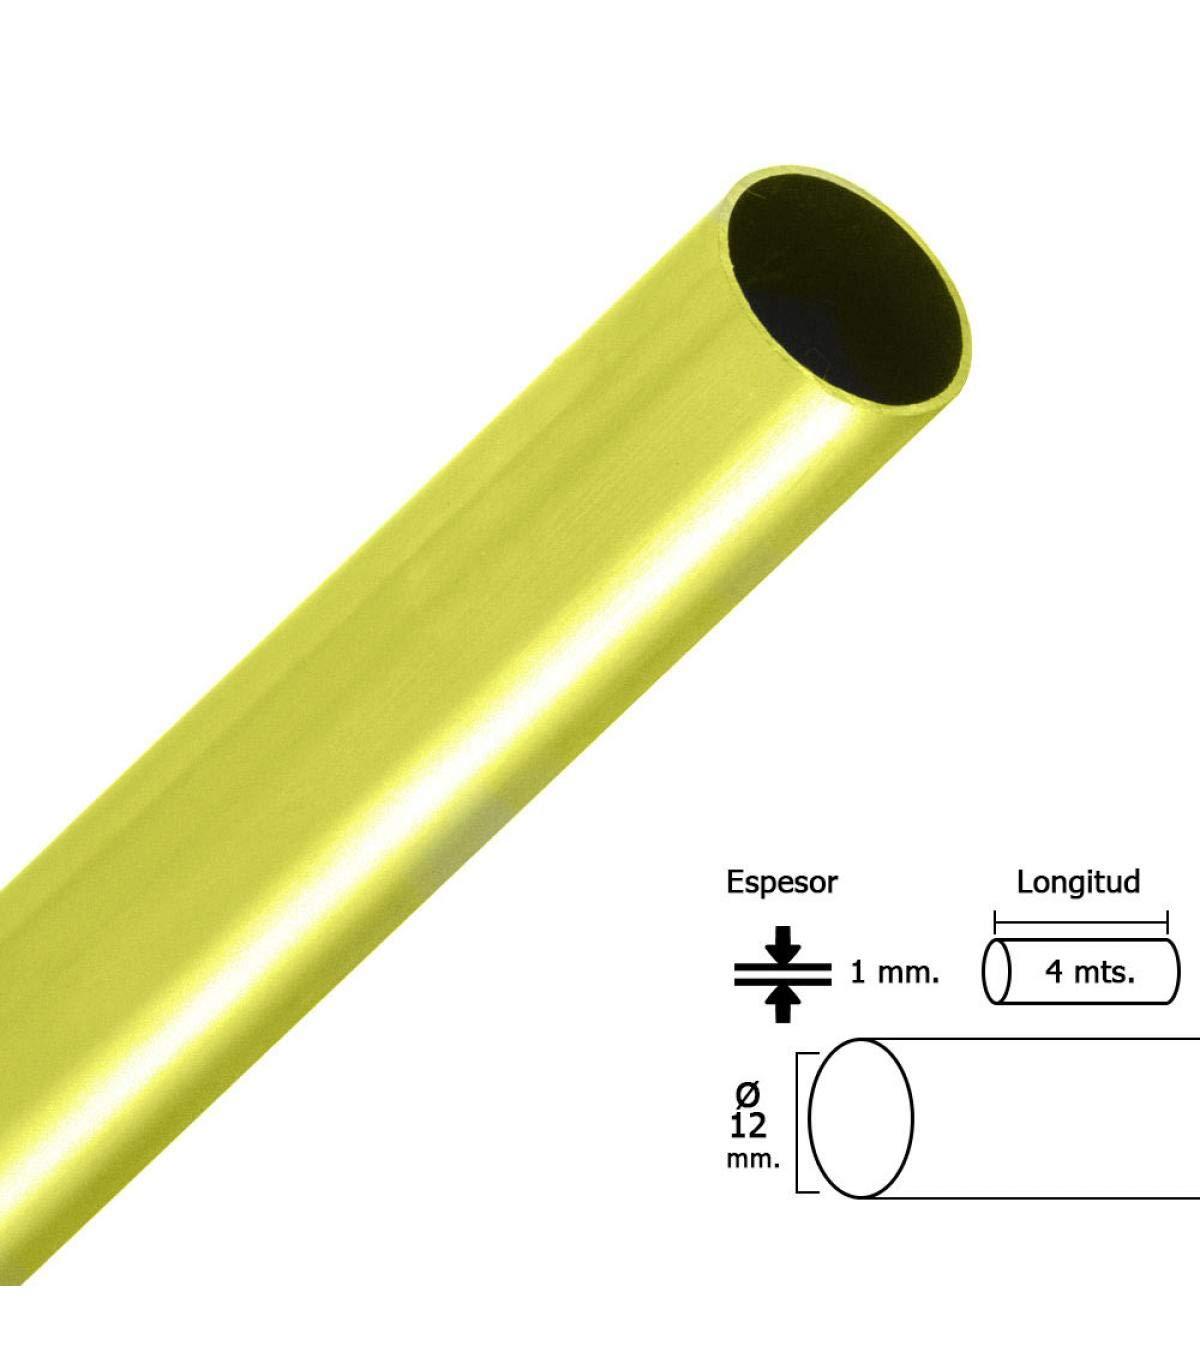 12 mm. Ba 4,0mt. ORYX 5300075 TUBO STOR DORADO RED